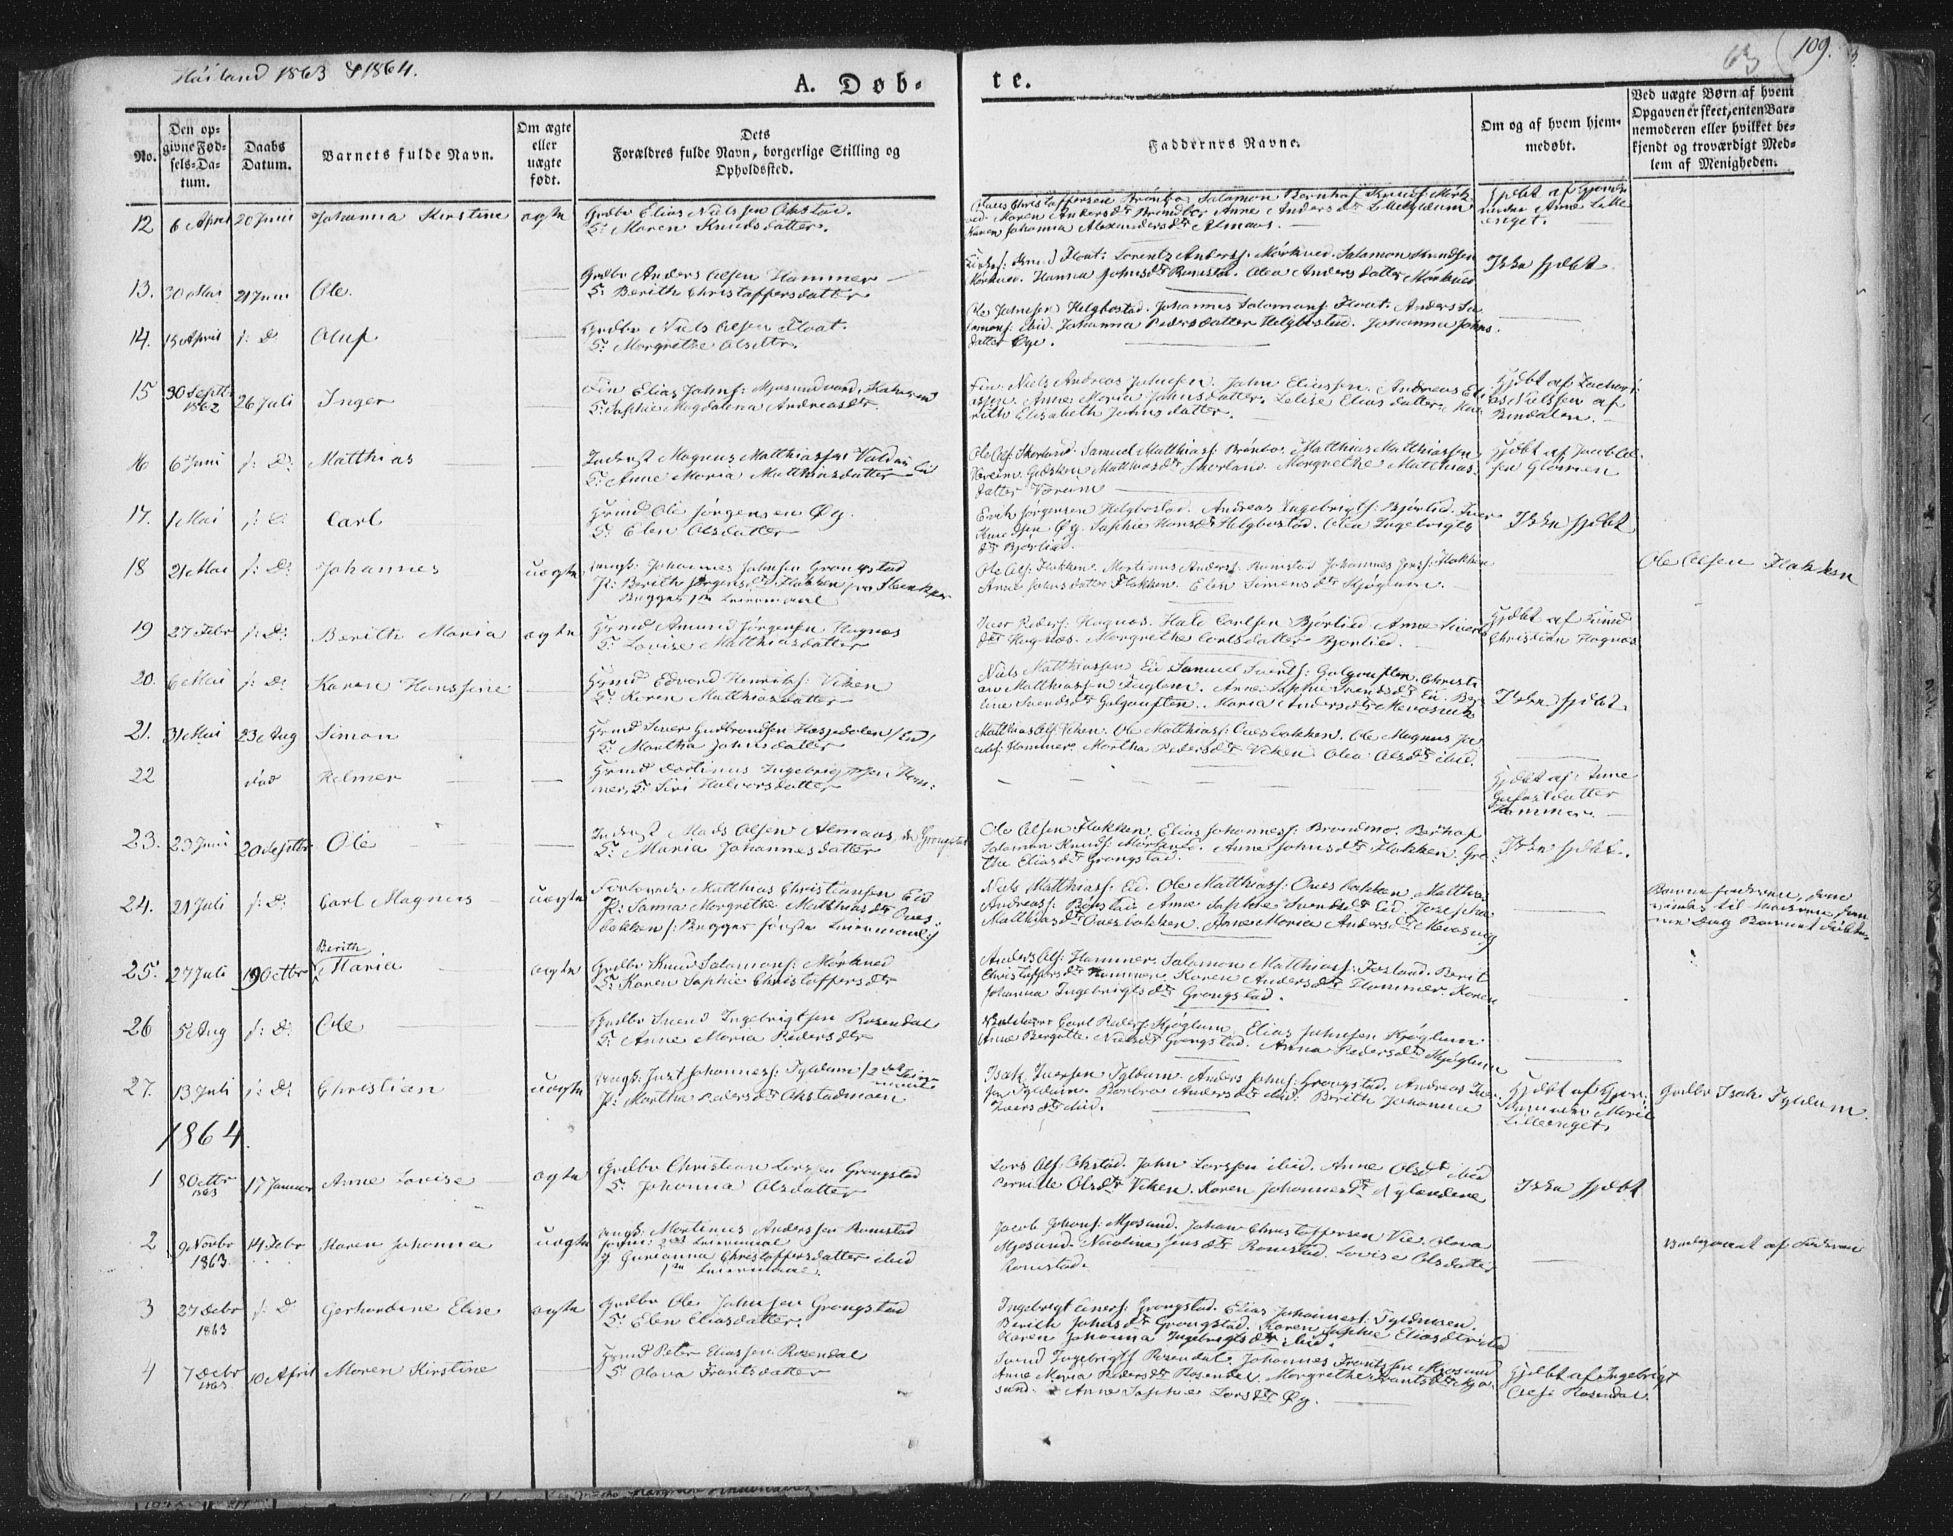 SAT, Ministerialprotokoller, klokkerbøker og fødselsregistre - Nord-Trøndelag, 758/L0513: Ministerialbok nr. 758A02 /2, 1839-1868, s. 63